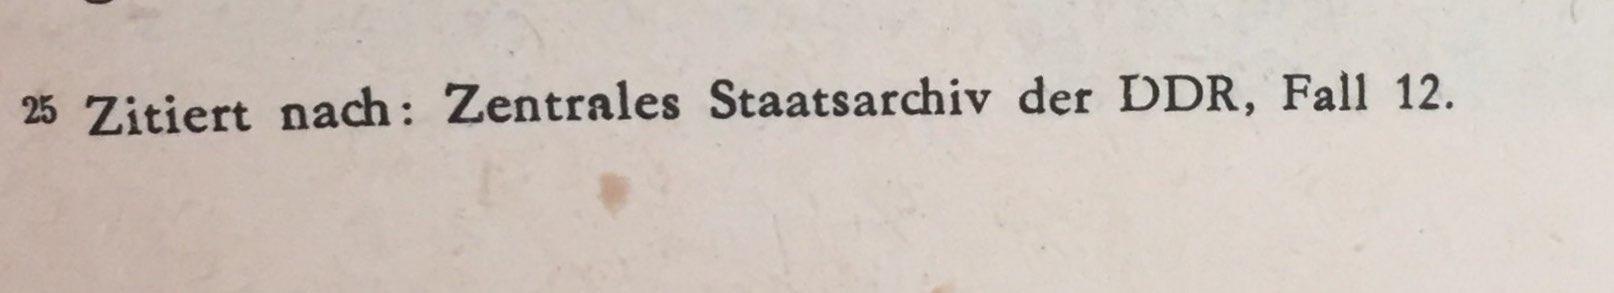 Quellenangabe aus Bericht Oberkommando Wehrmacht